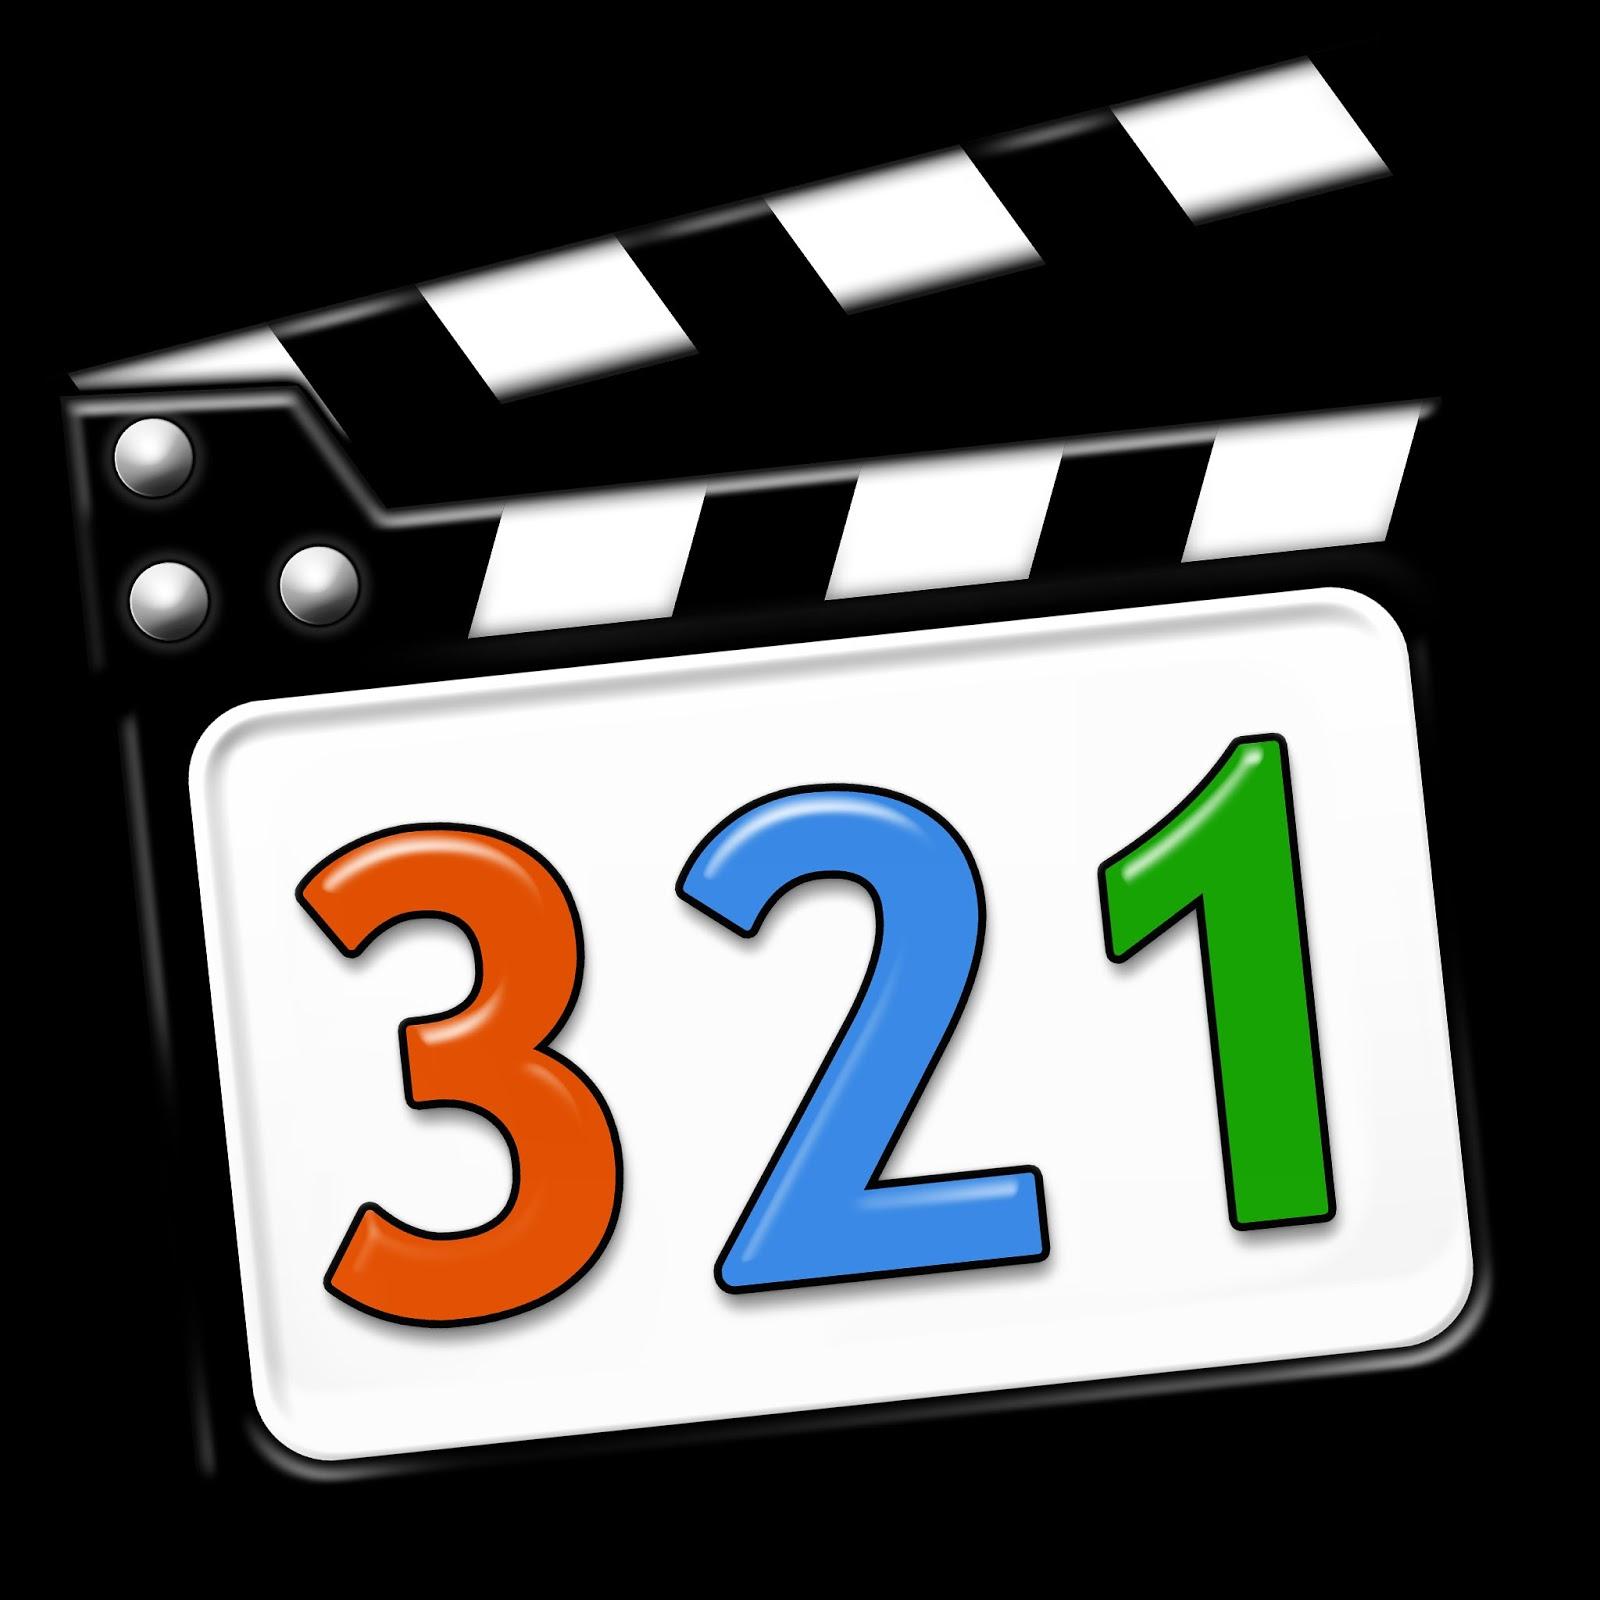 تحميل media player classic أهم برامج الويندوز بعد الفورمات